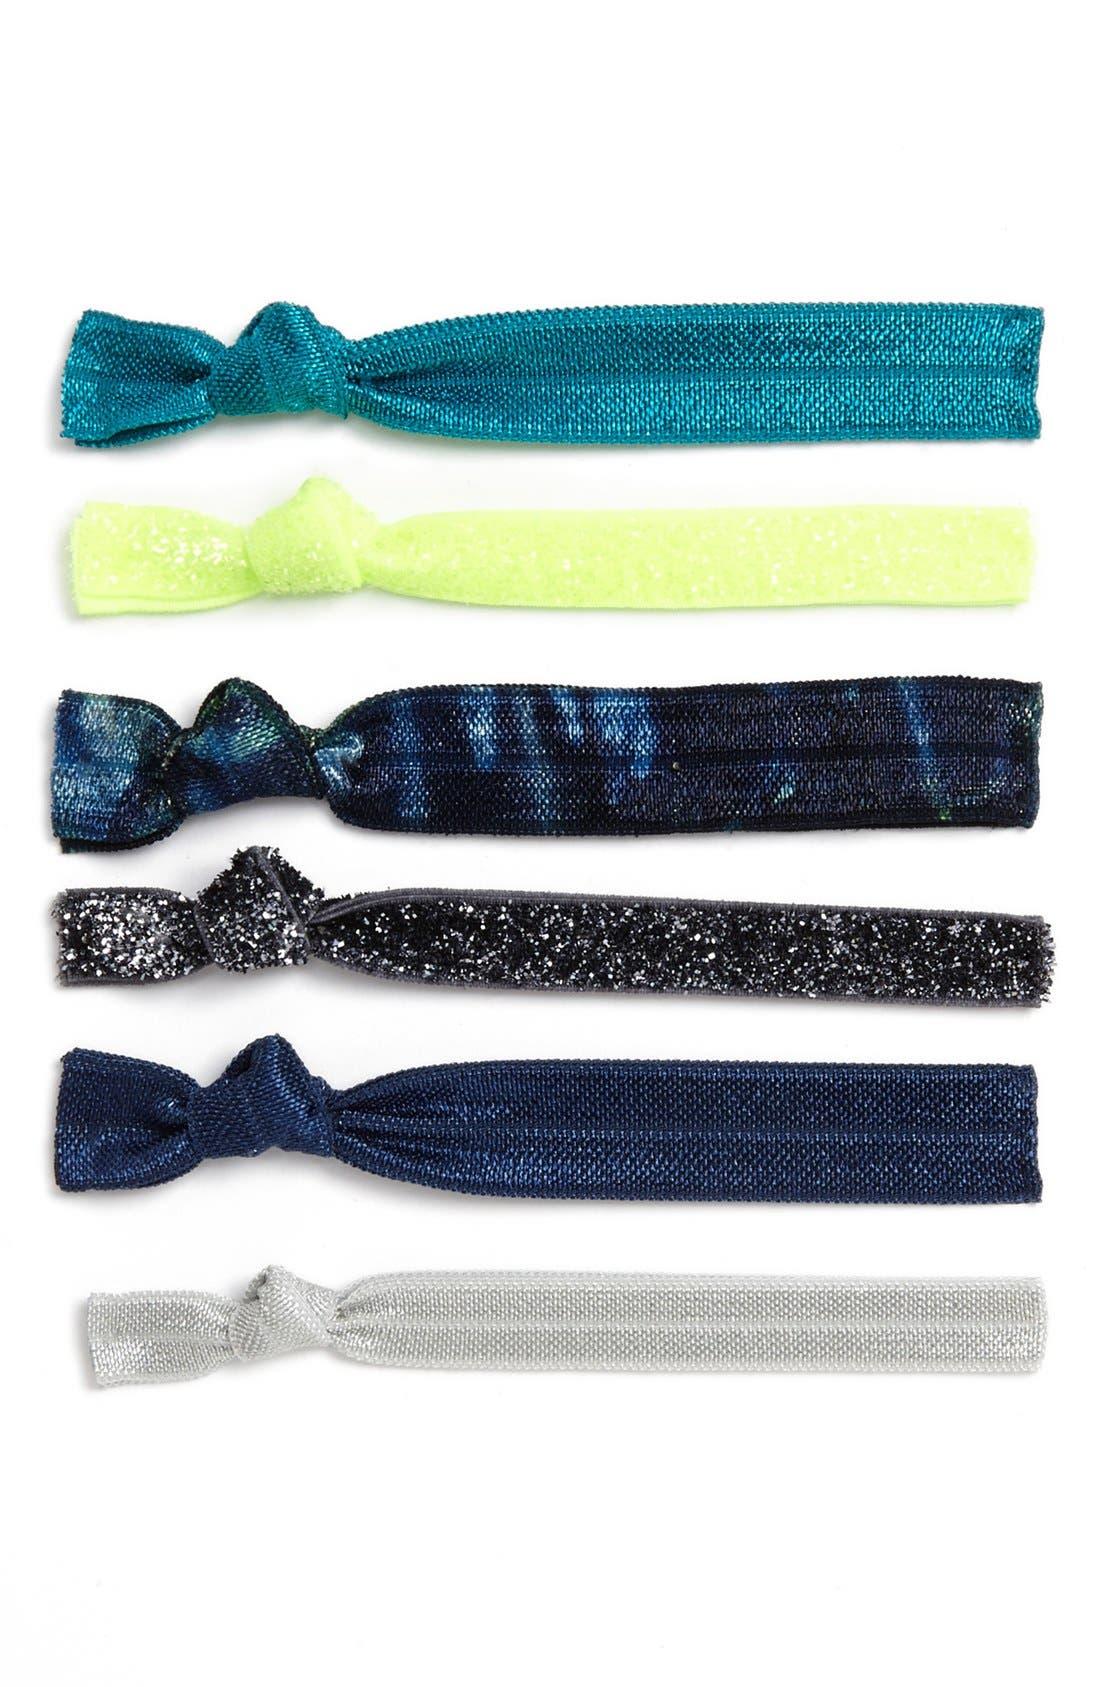 Main Image - Kitsch 'Ocean' Hair Ties (6-Pack) (Girls)